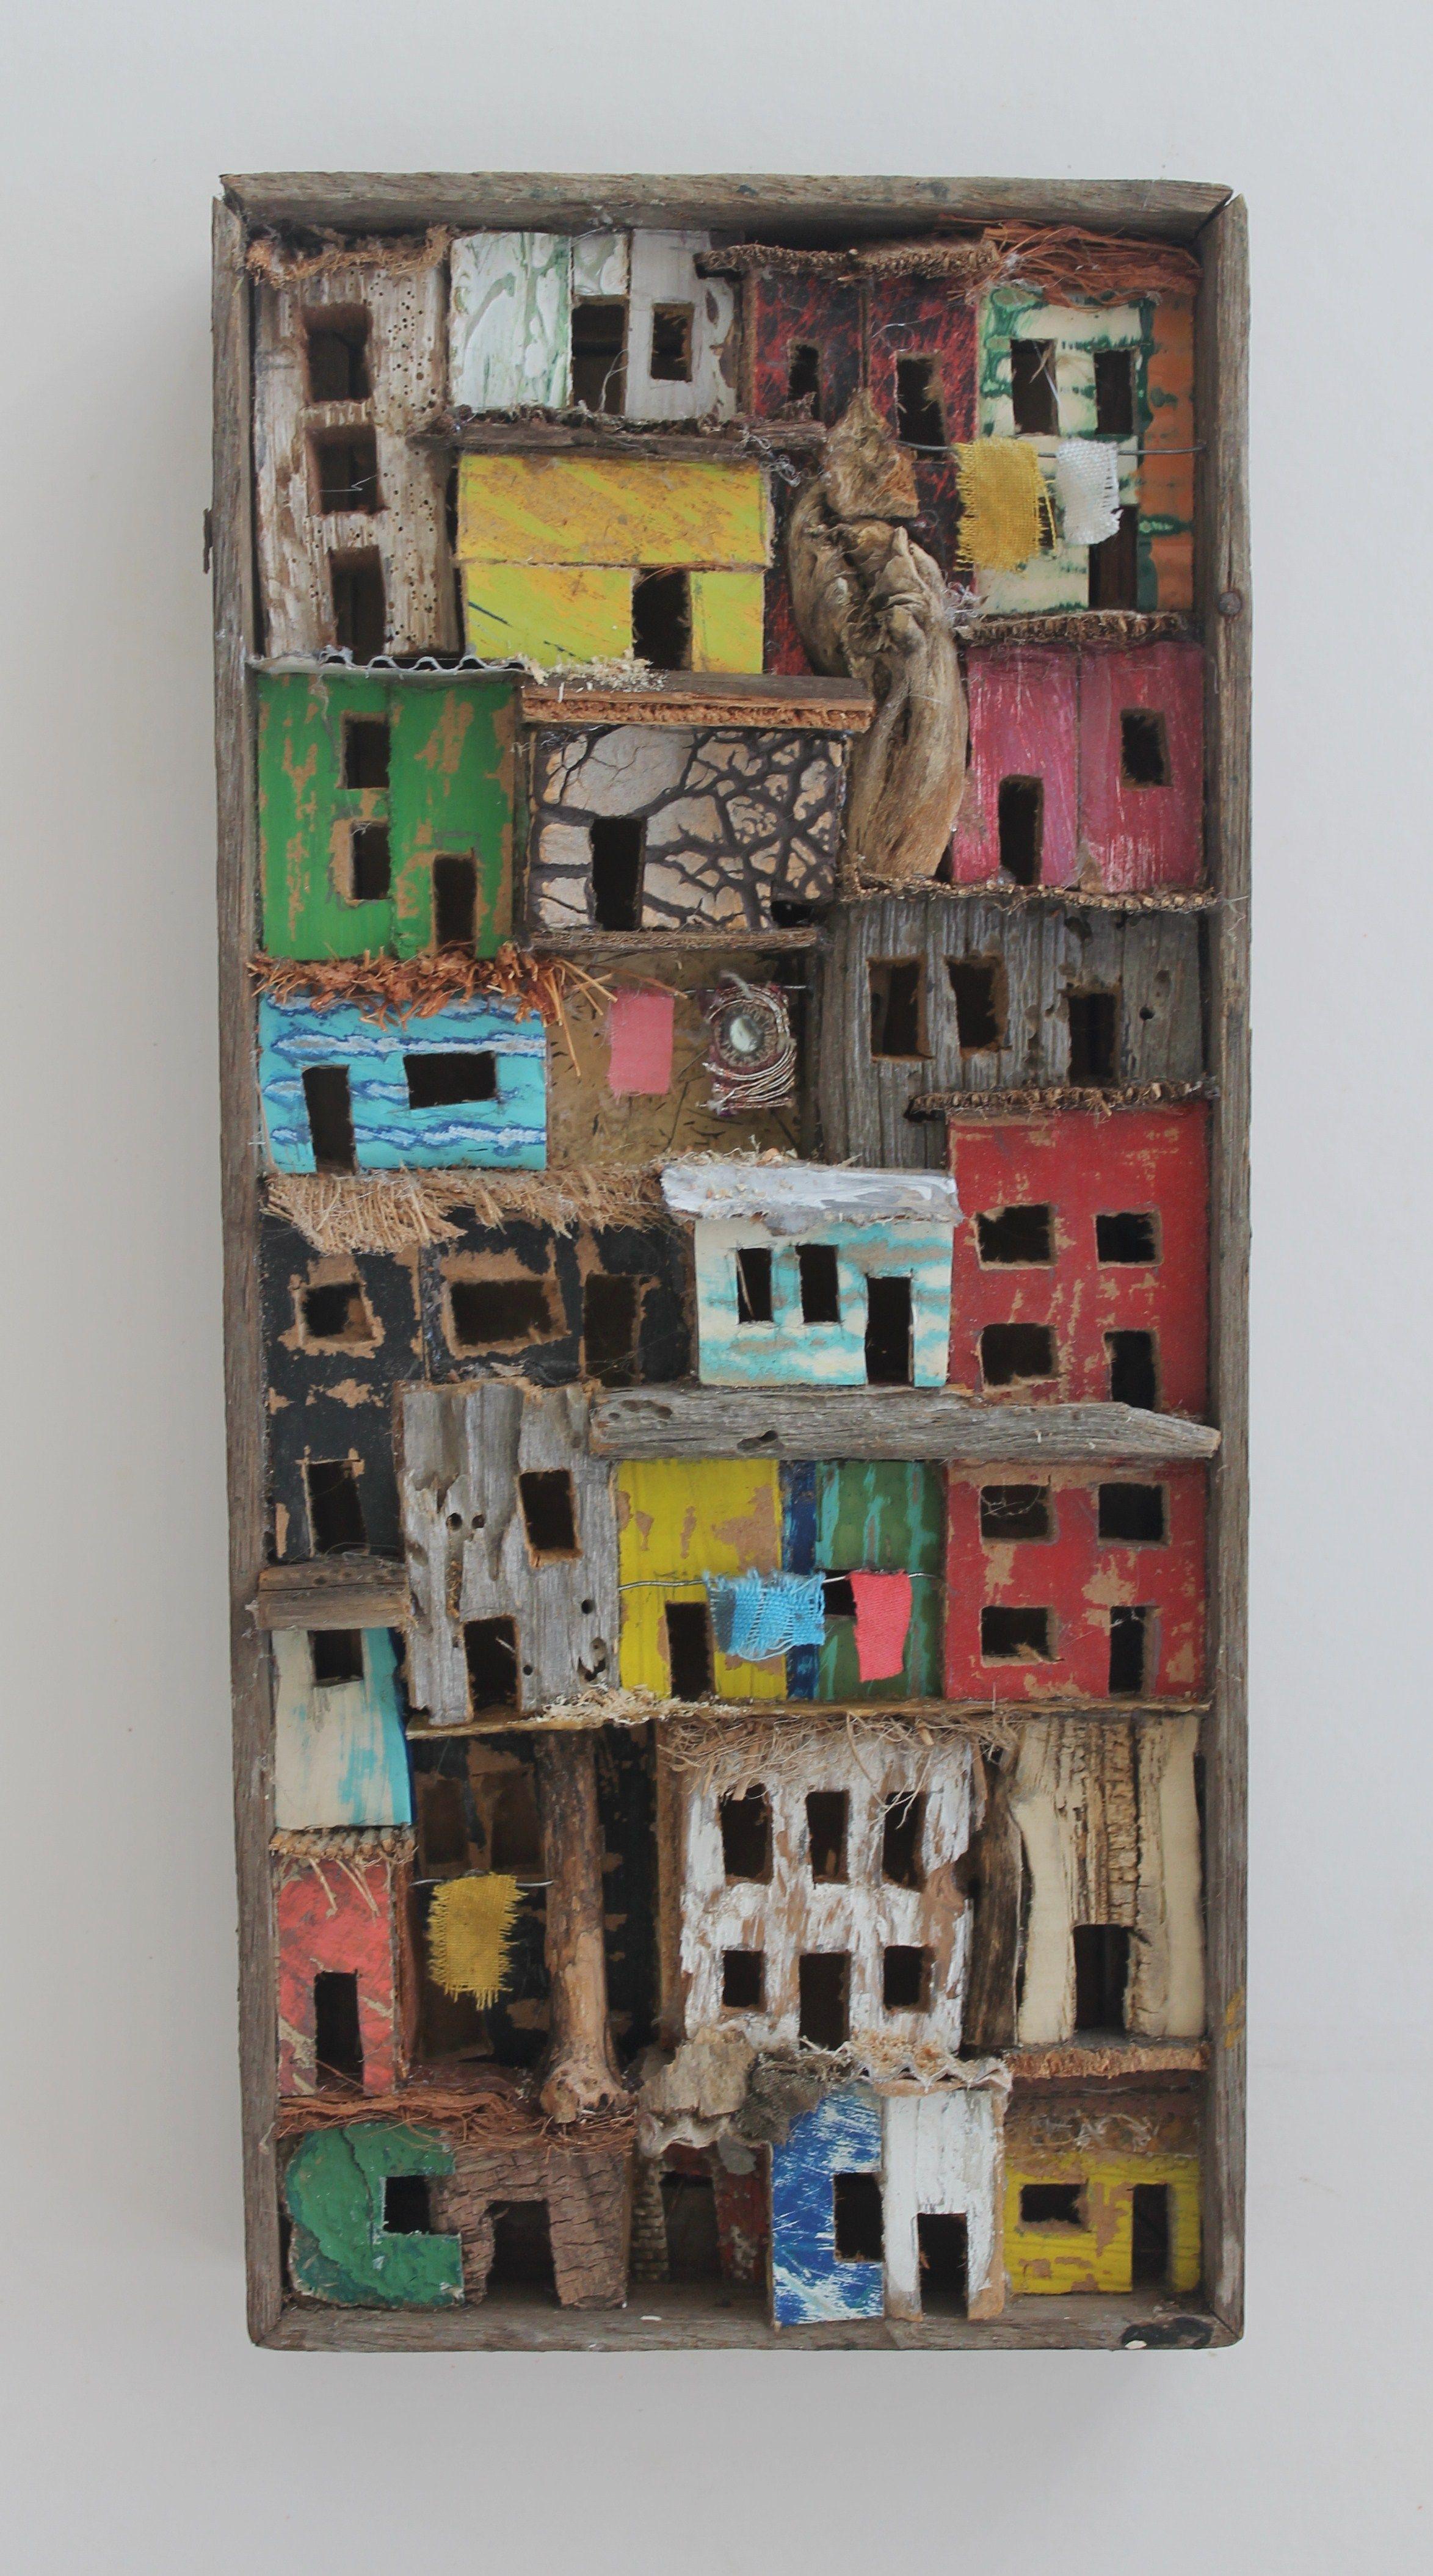 LiekEric - tiny town   art installations   Pinterest   Holz, Plastik ...